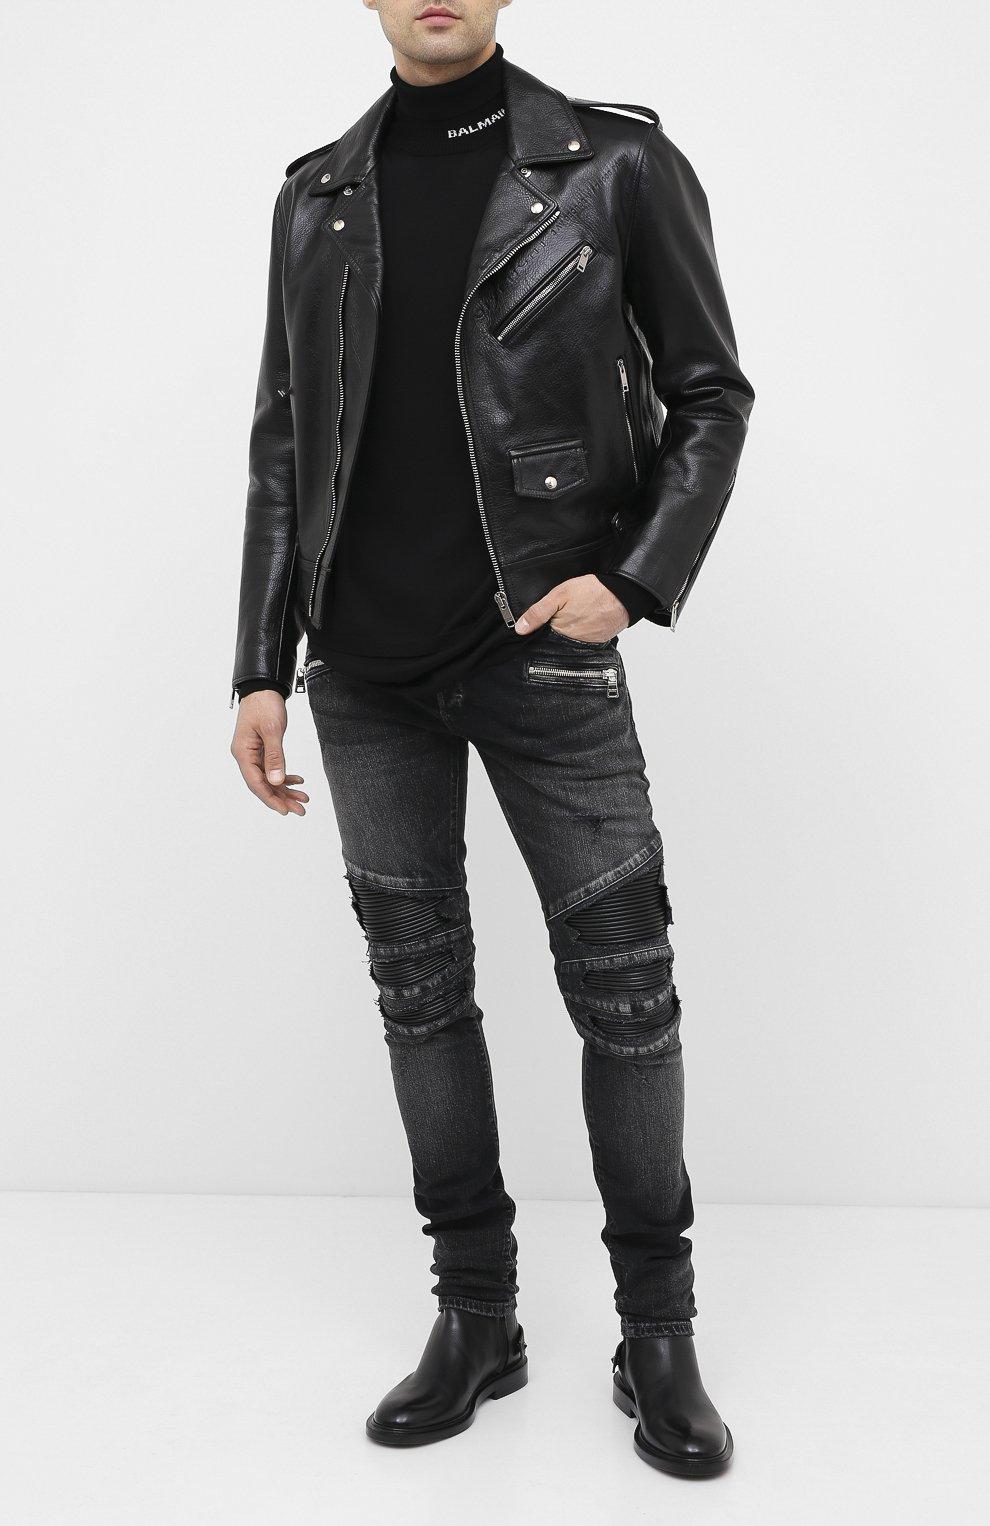 Мужской шерстяной свитер BALMAIN черного цвета, арт. UH13410/K010   Фото 2 (Материал внешний: Шерсть; Рукава: Длинные; Принт: Без принта)